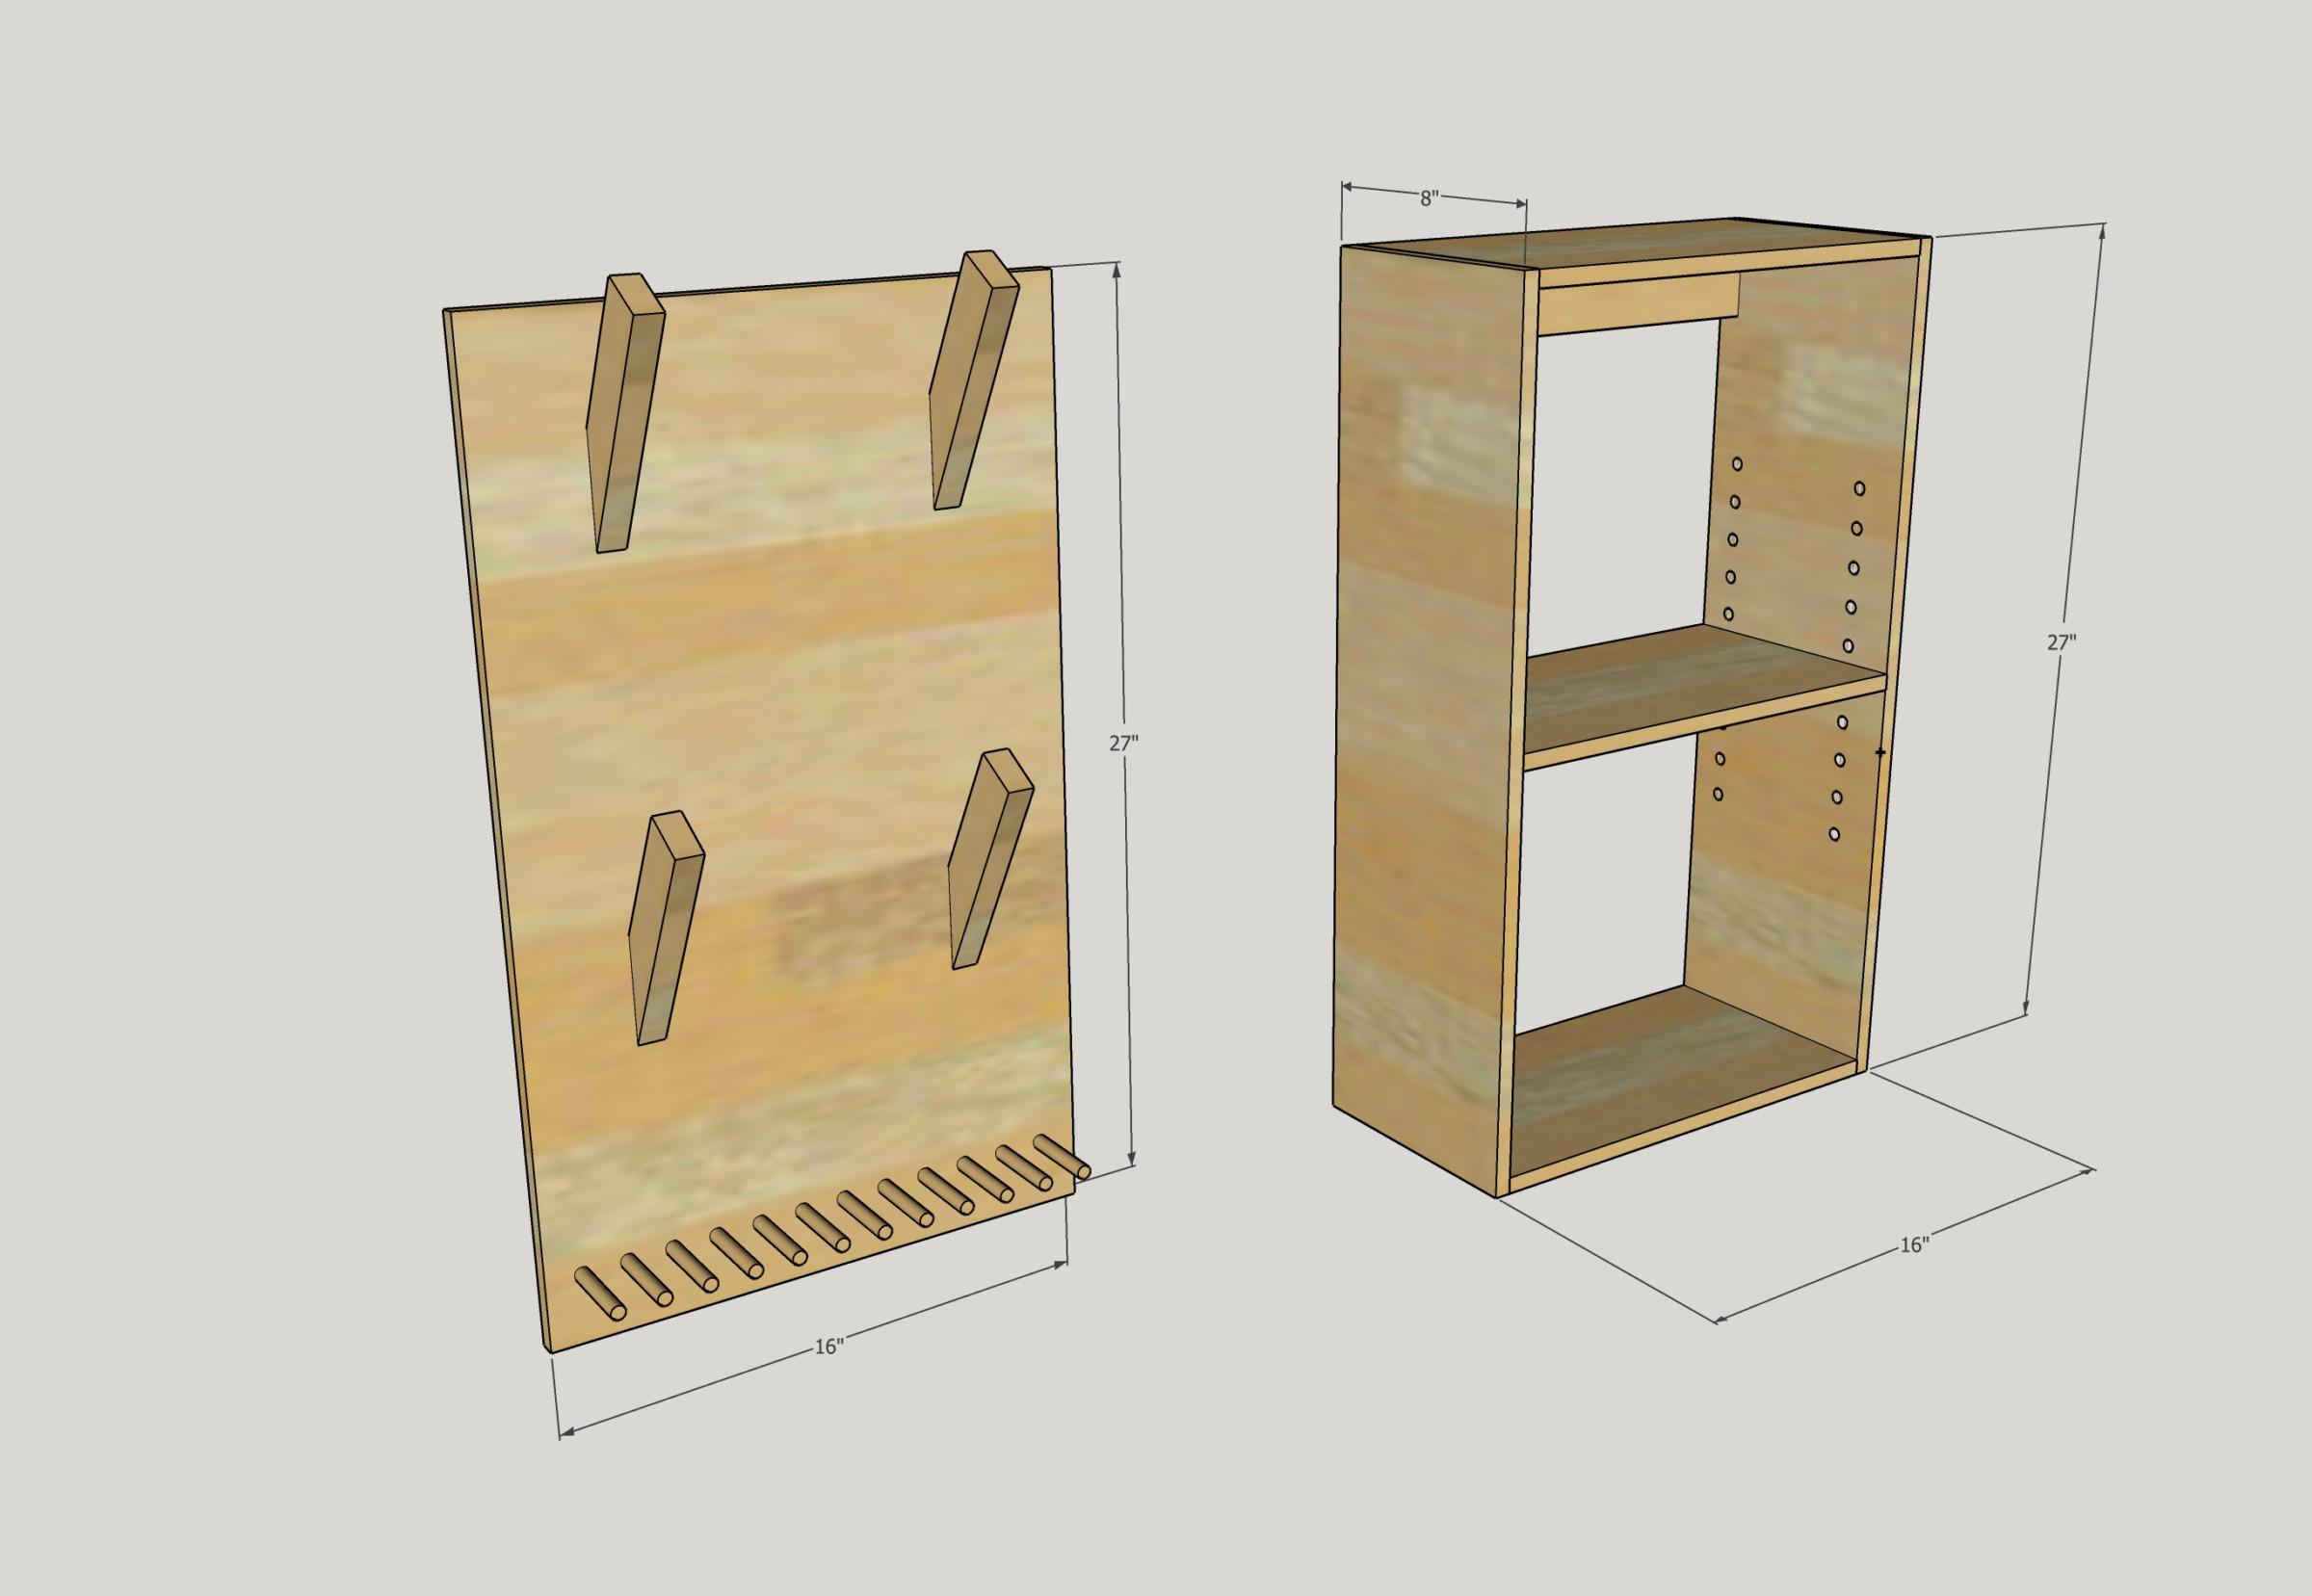 Modern Shelf for Small Exercise Equipment